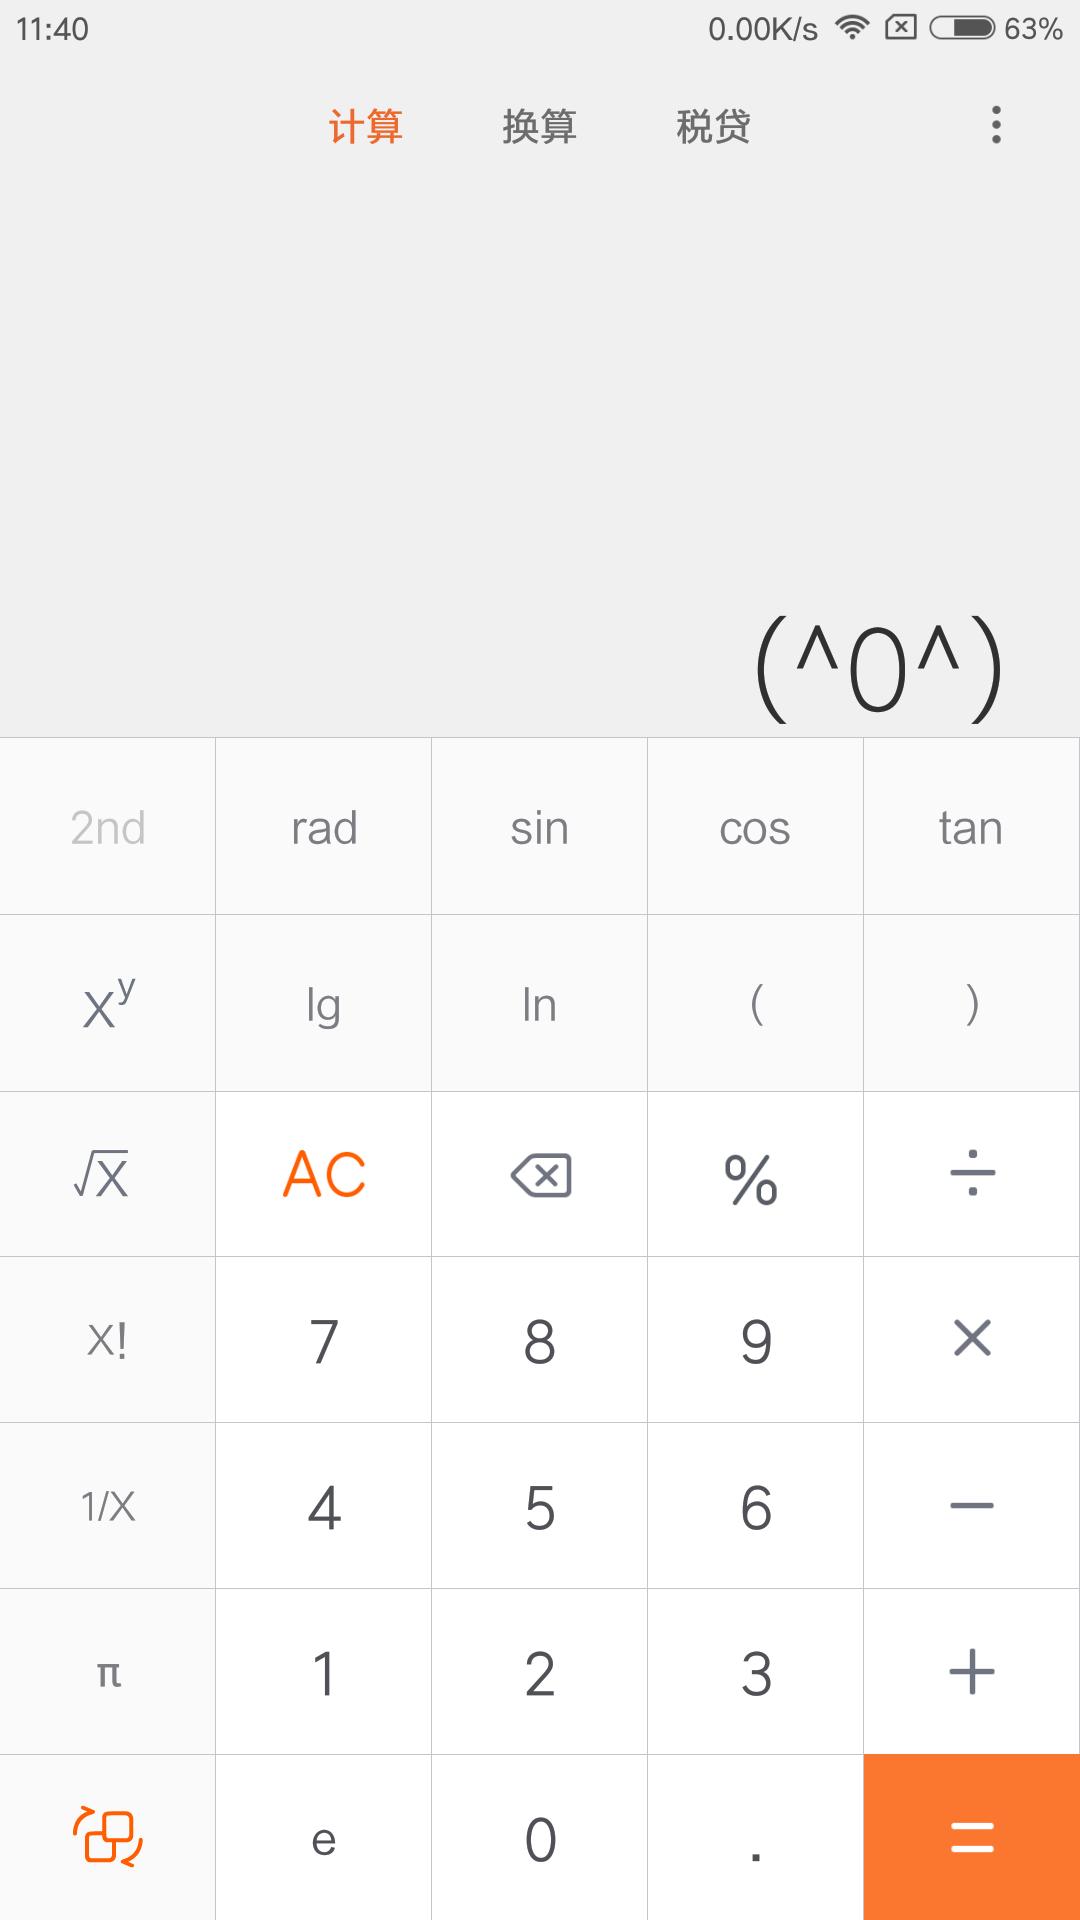 Screenshot_2020-05-11-11-40-38-648_com.miui.calculator.png